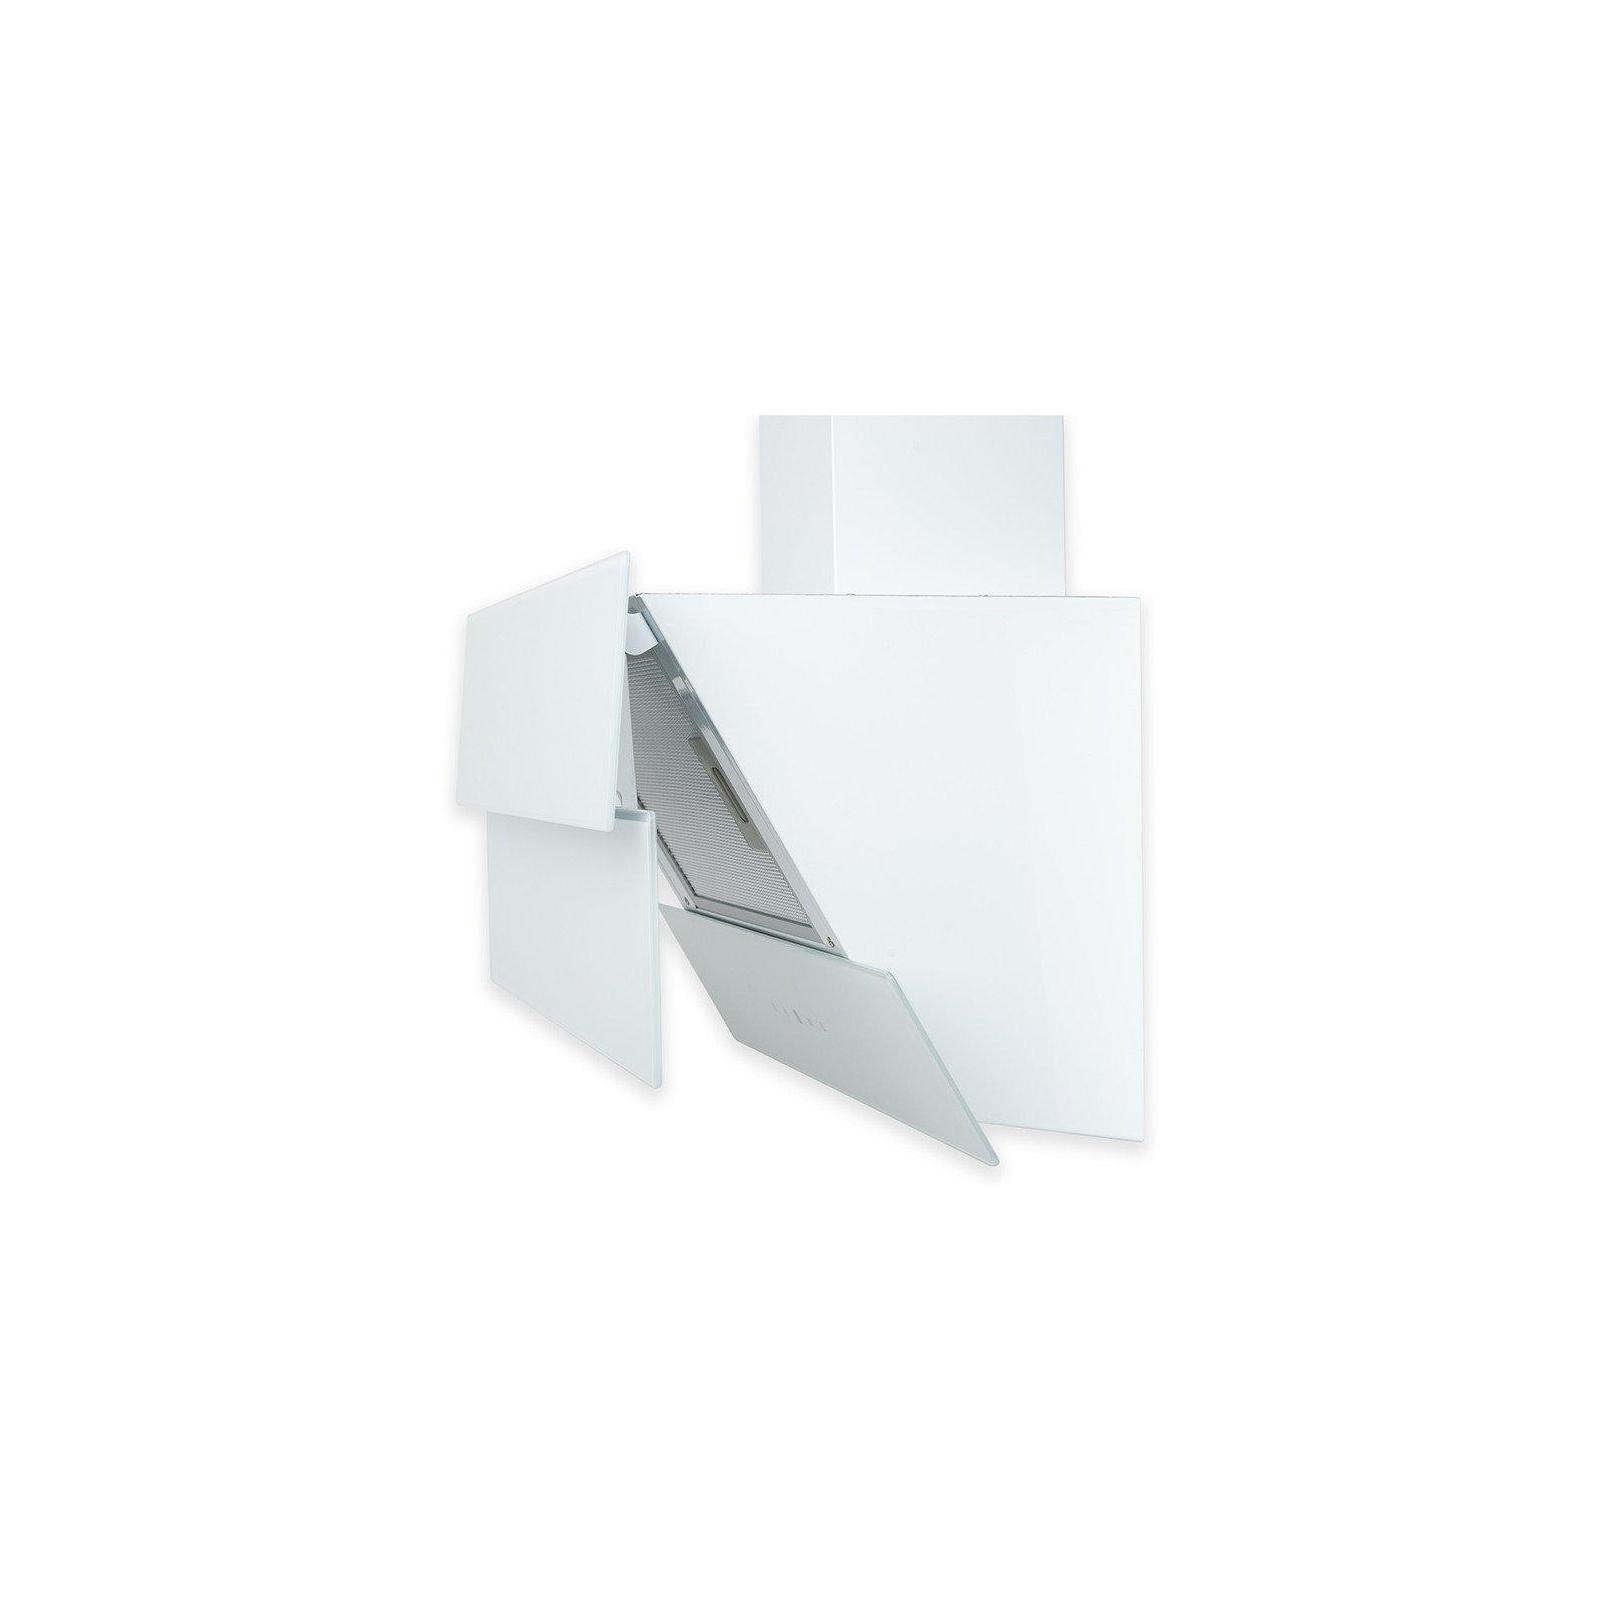 Вытяжка кухонная MINOLA HVS 6382 WH 750 LED изображение 3